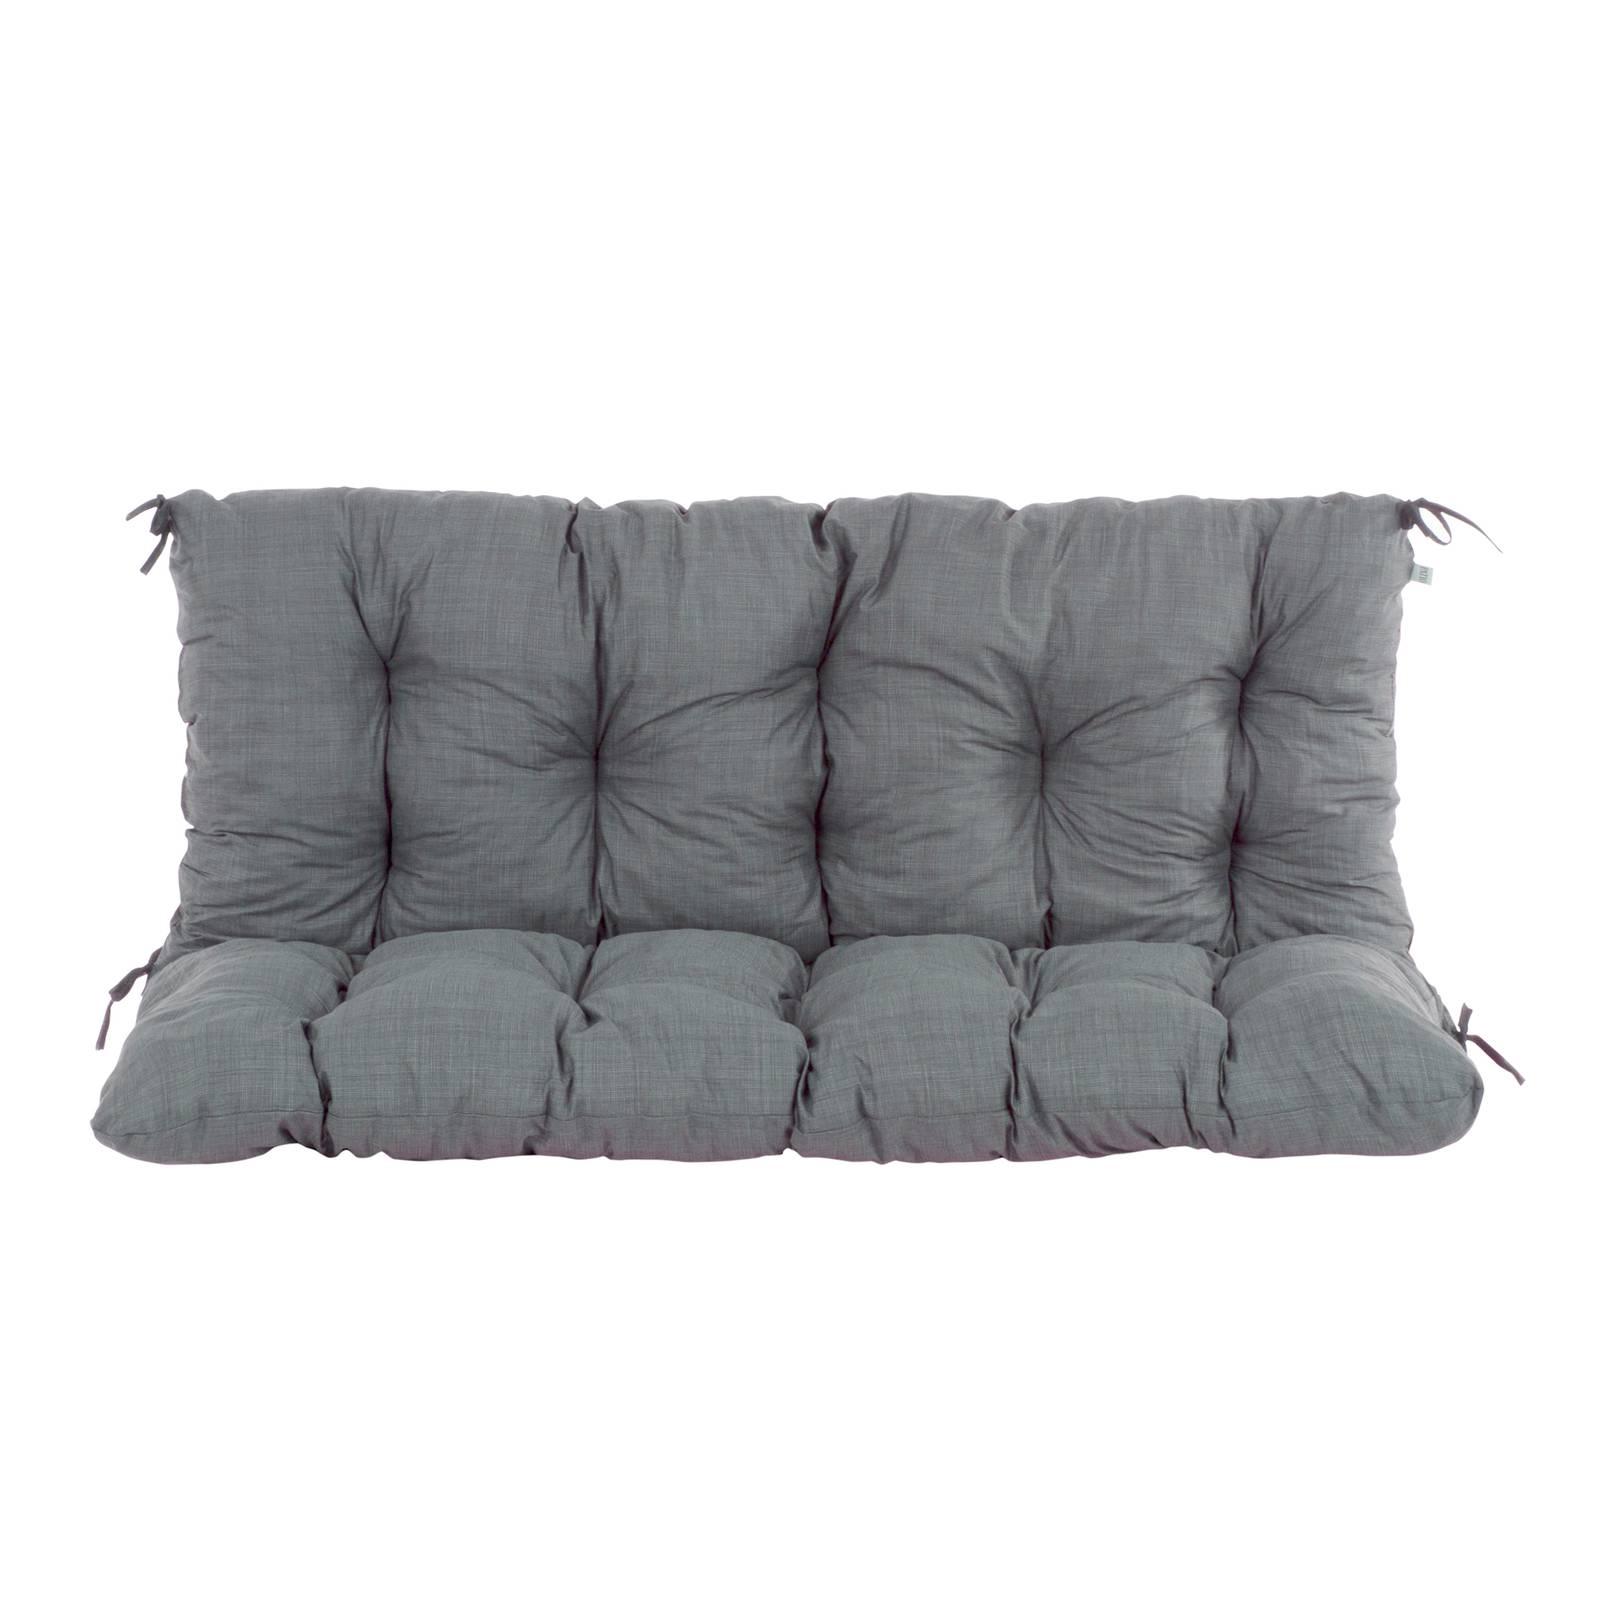 Poduszka na huśtawkę / ławkę 120 cm Frigiliana H024-07PB PATIO